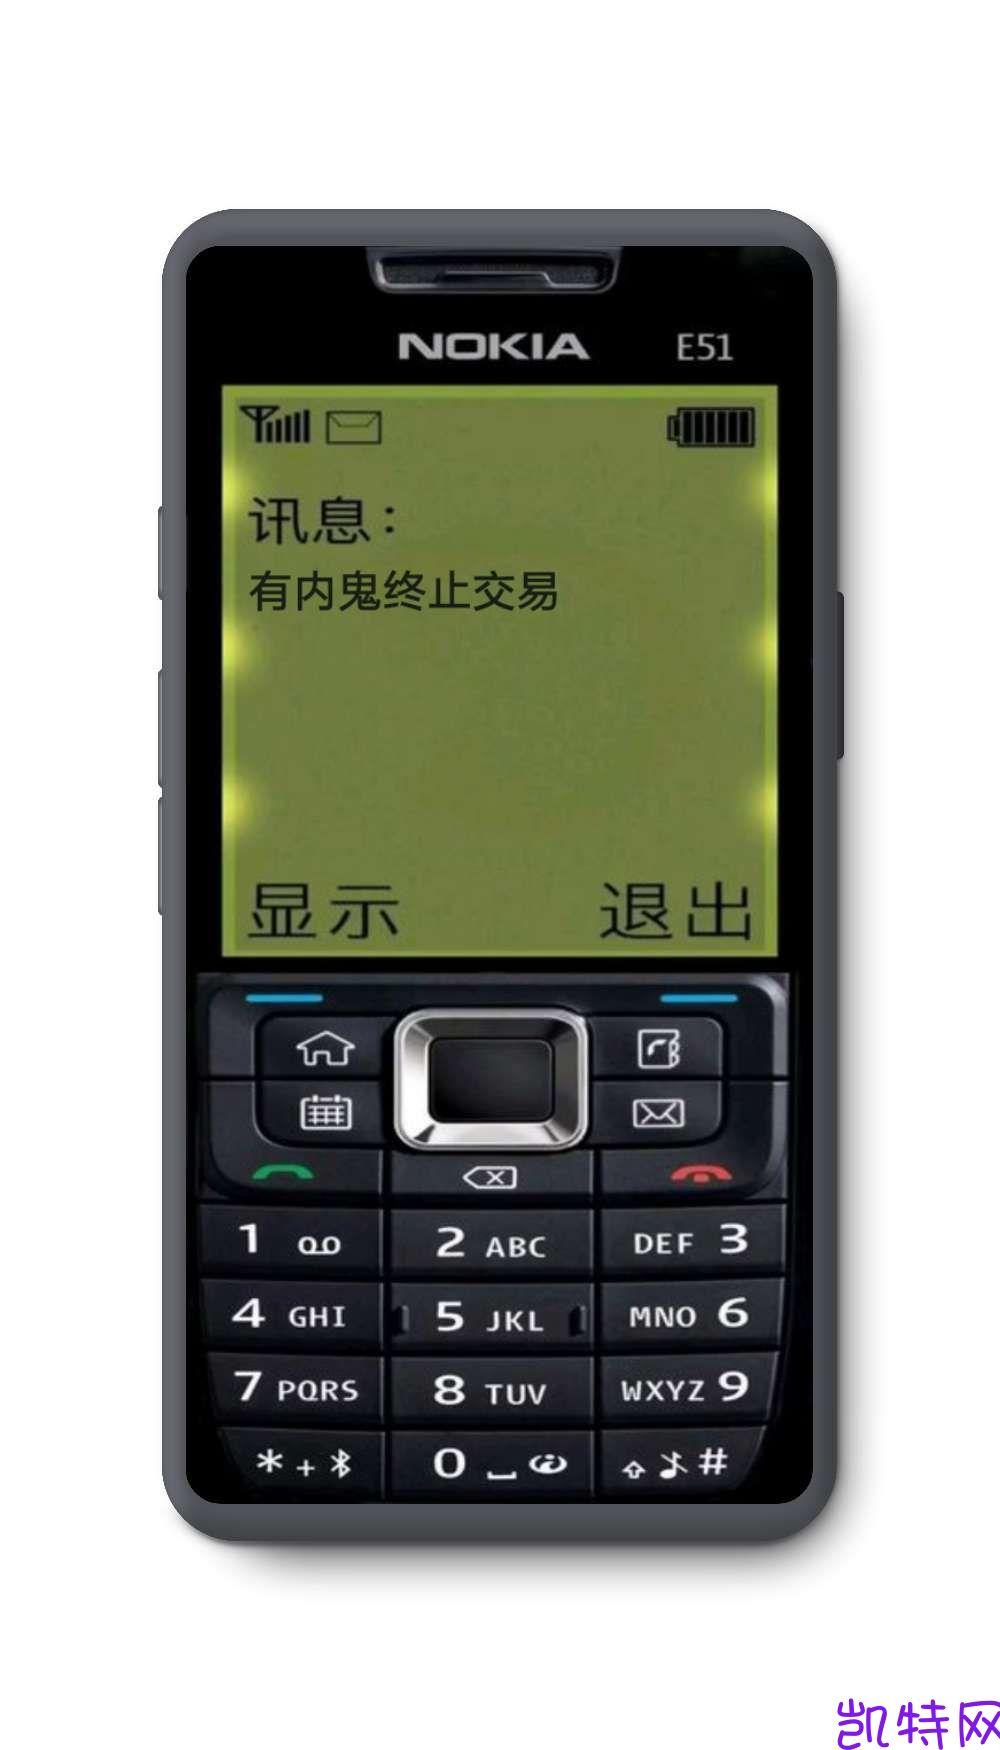 【原创开发】诺基亚短信生成 1.0 软件简洁 界面优美 内鬼强大